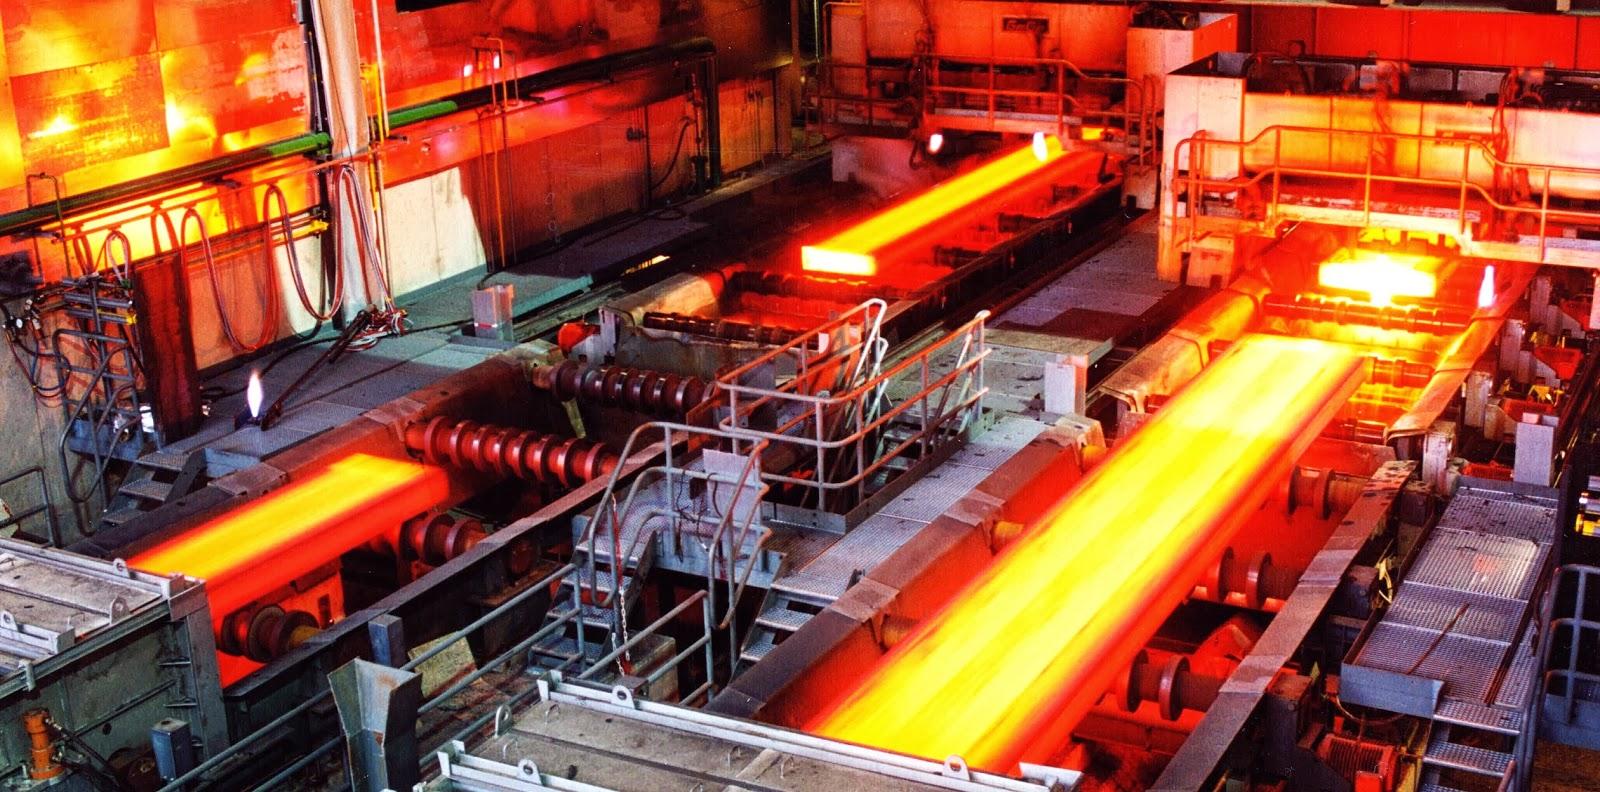 La producción de acero de China se está frenando. ¿Habrá más para Europa?